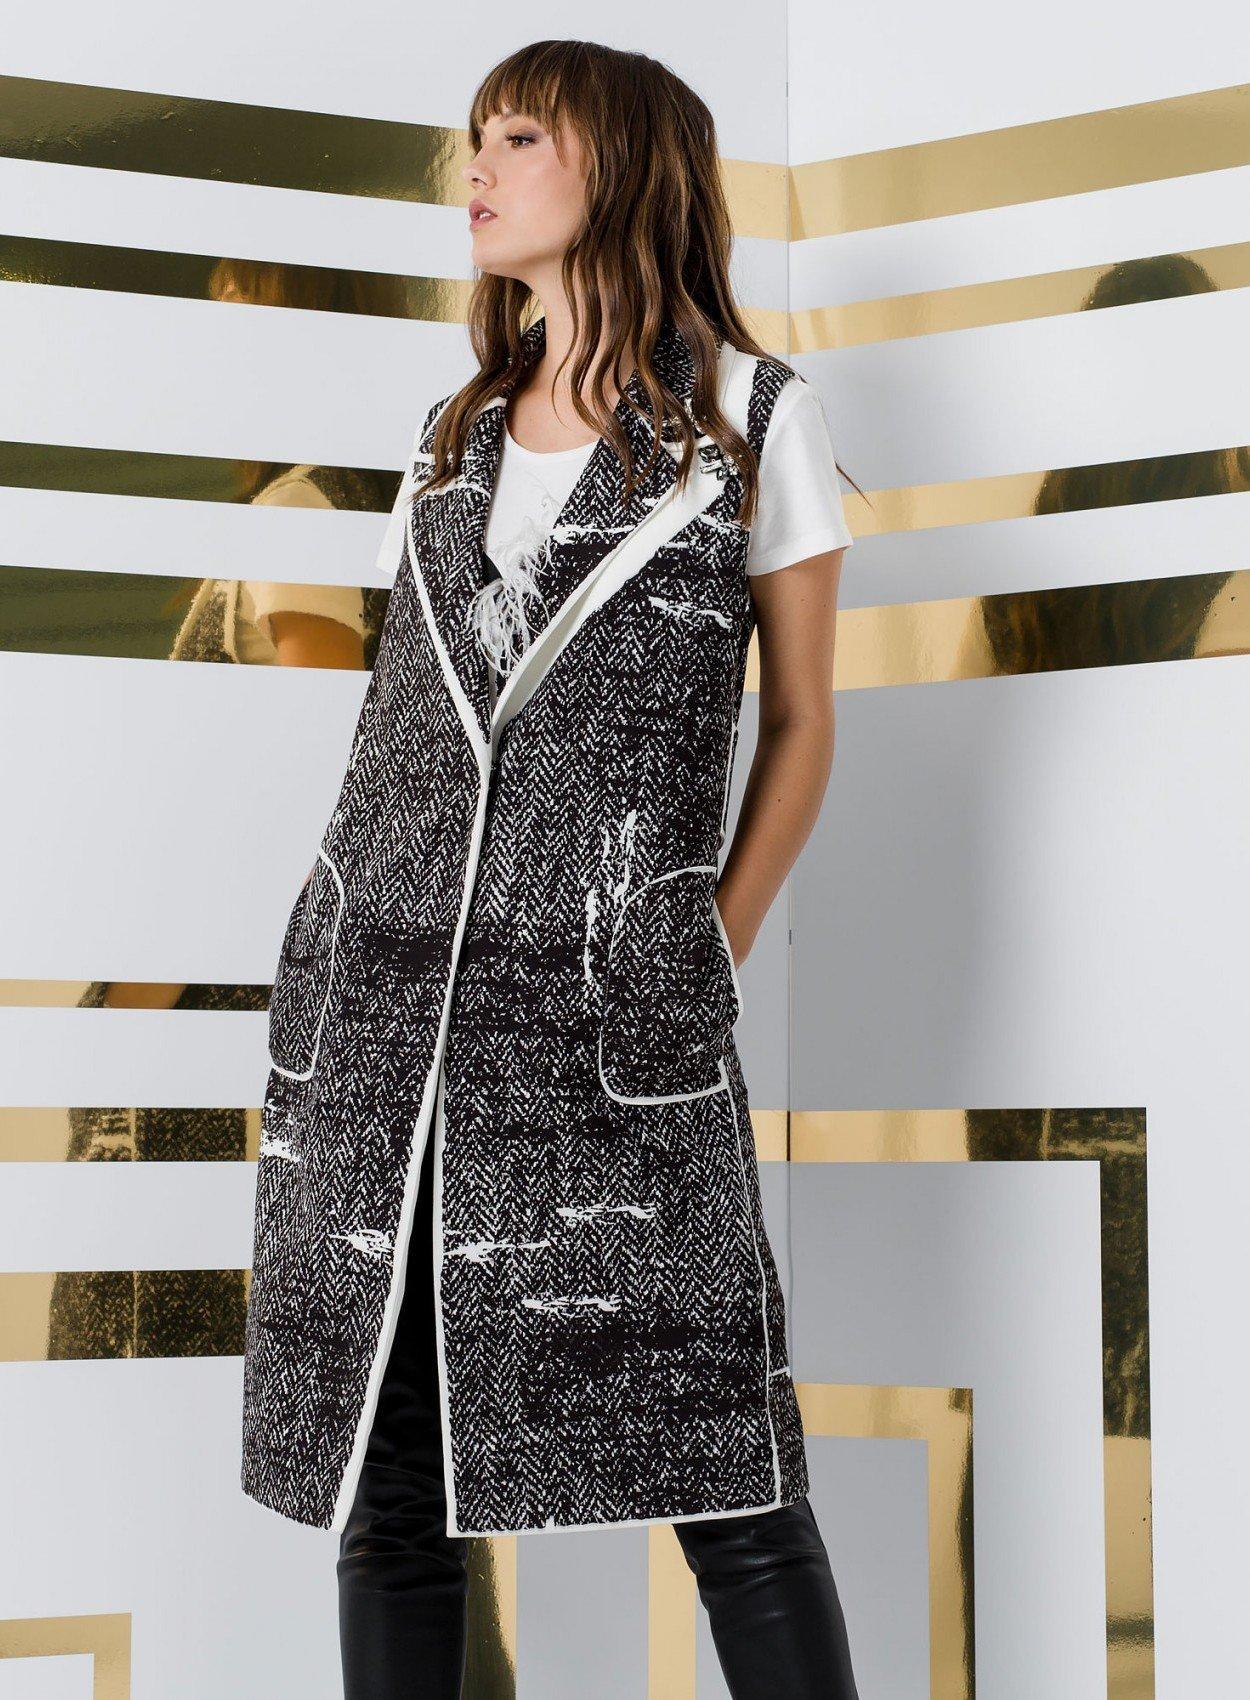 Sleeveless Jacket Black/White ACCJA28-1113